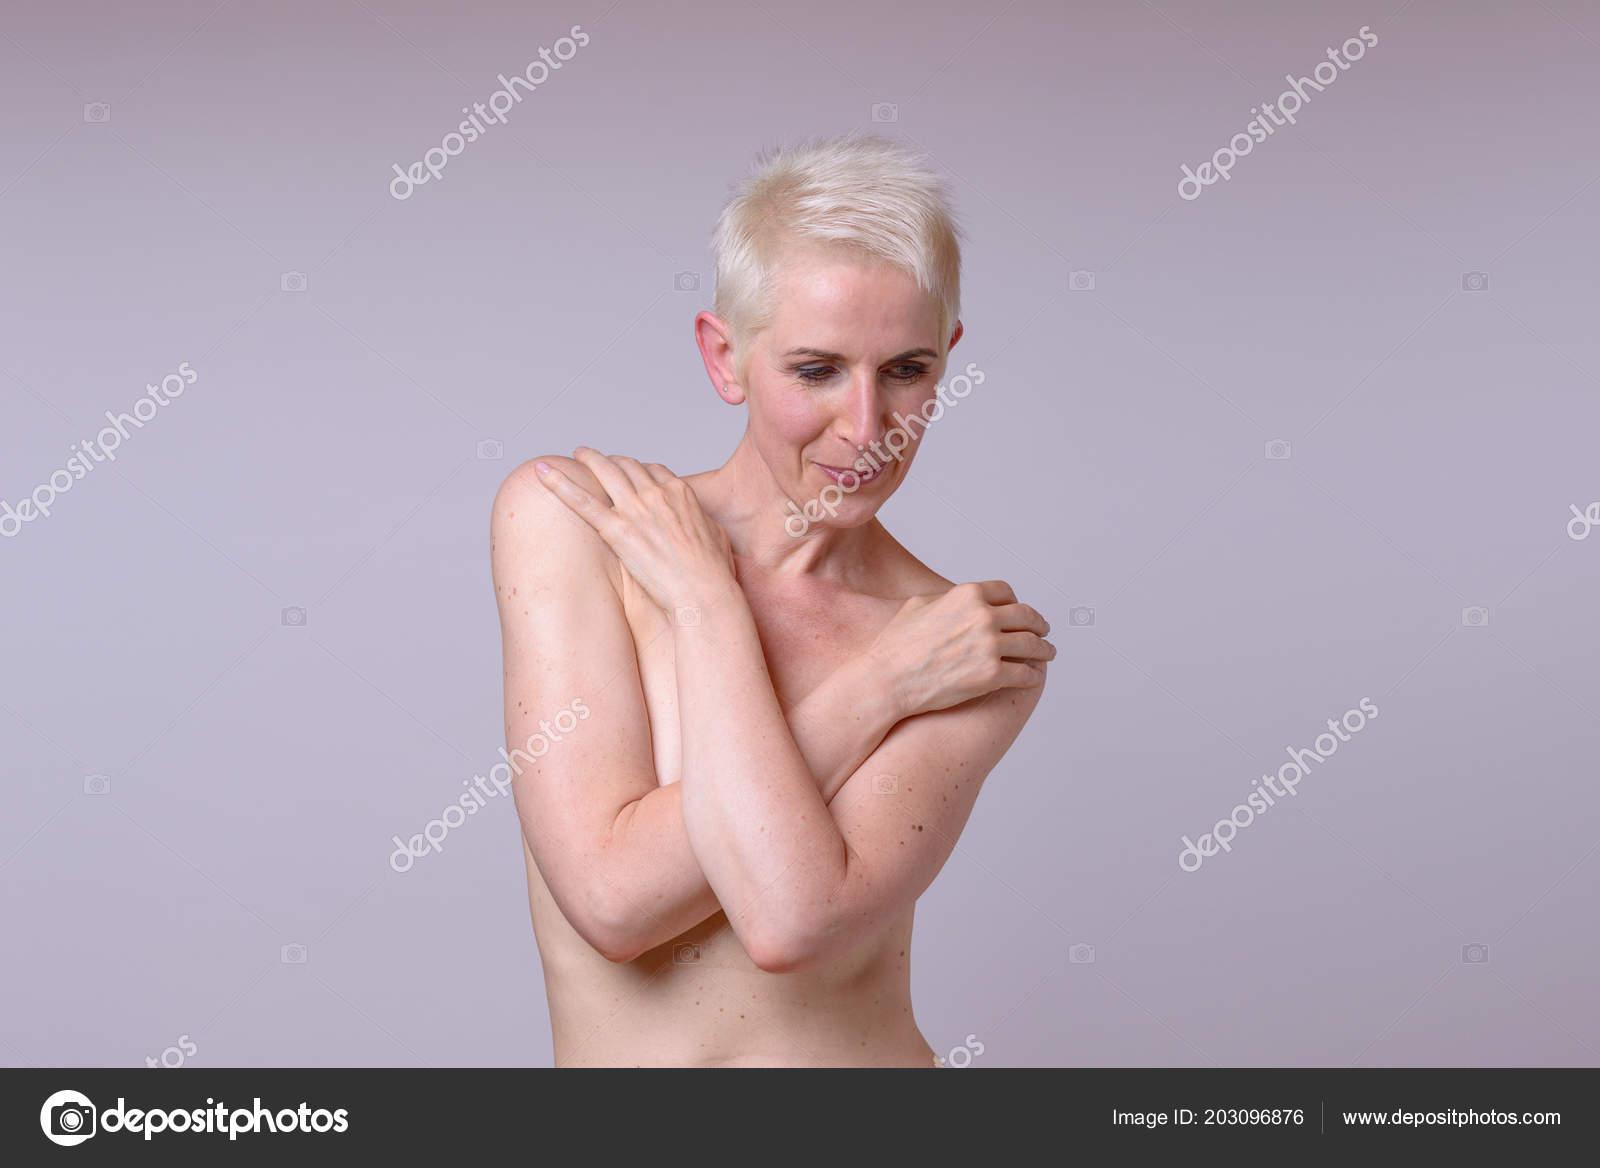 ώριμη γυμνό μοντέλα στρόφιγγες πορνό